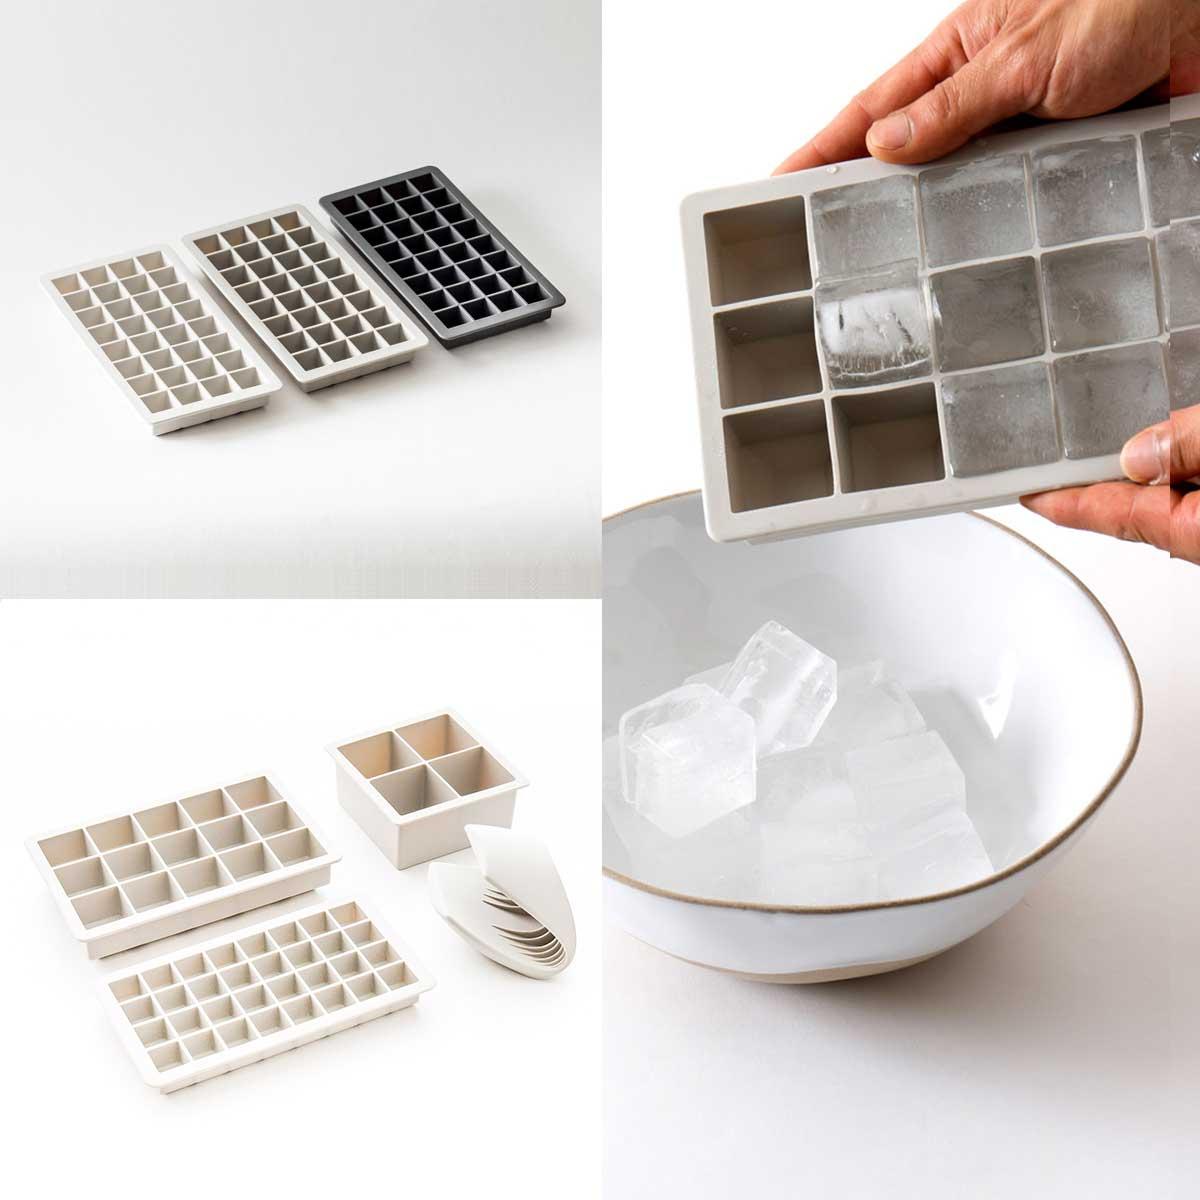 シンプルなスクエア型のアイストレー・製氷皿 [シリコン アイスキューブトレイ S]